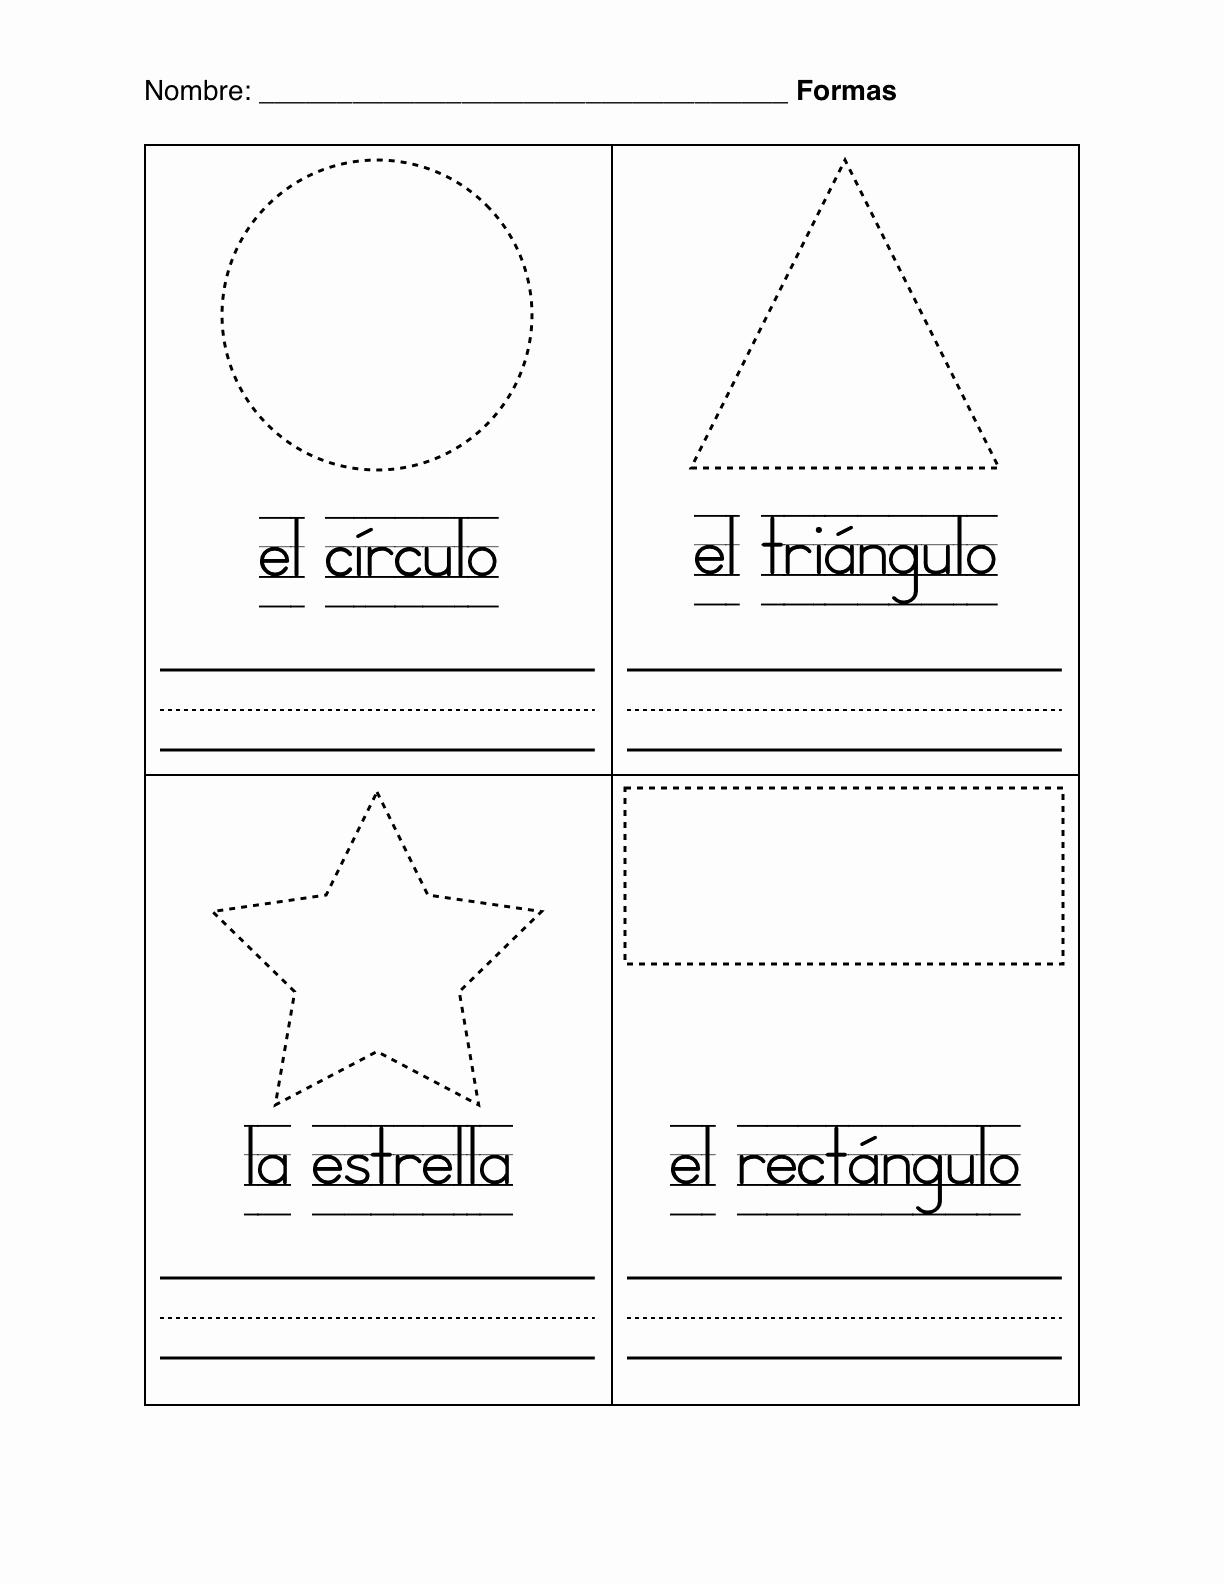 Spanish Kindergarten Worksheets Luxury Spanish Montessori Basic Shapes In Spanish formas